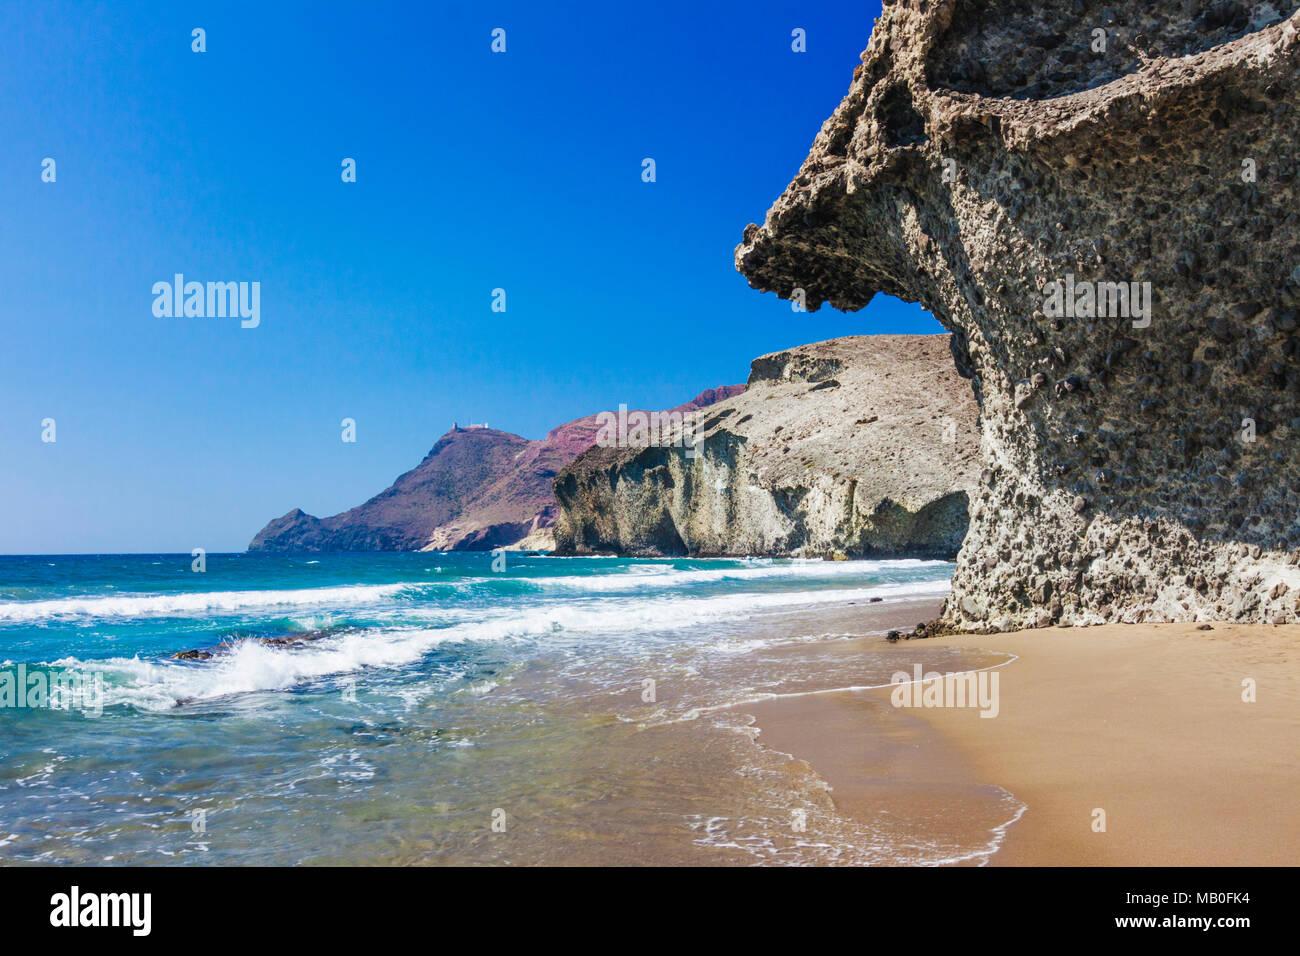 Cabo de Gata-Nijar parco naturale, provincia di Almeria, Andalusia, Spagna : Monsul deserta spiaggia nei pressi di San José village. Immagini Stock